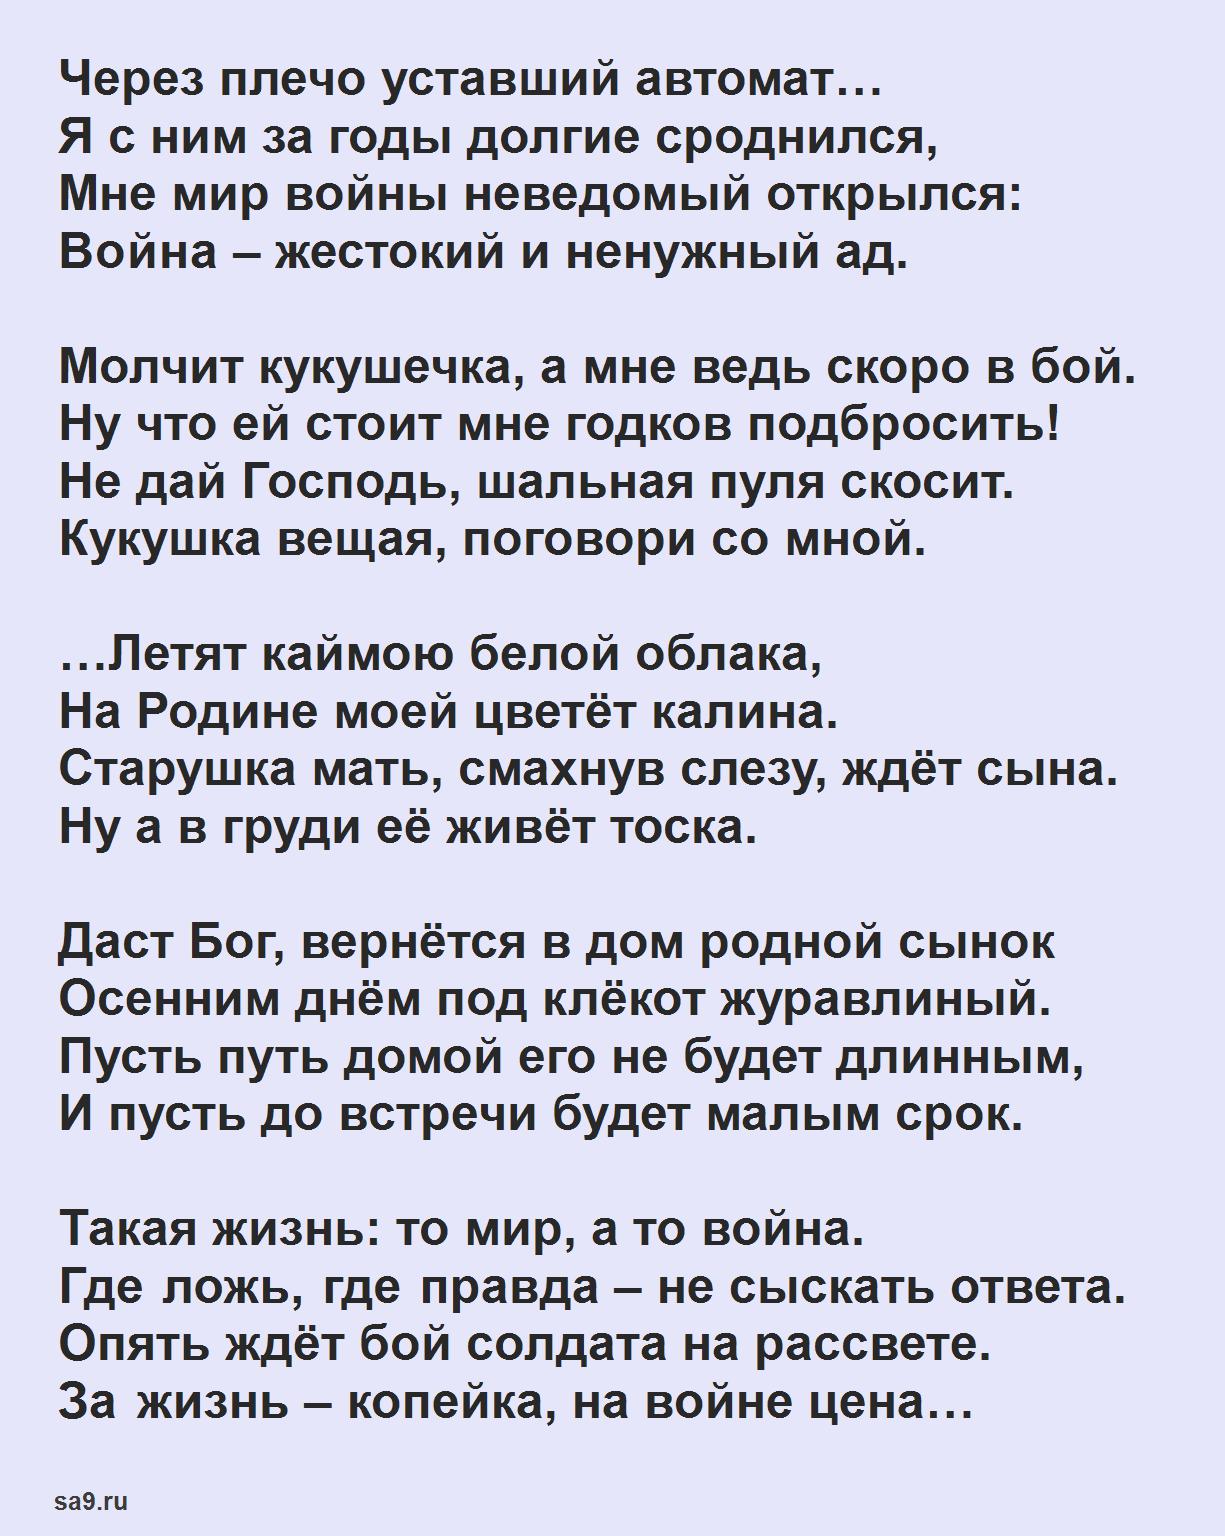 Стихи о войне для ребенка 7 лет - Служивый, Мордовина